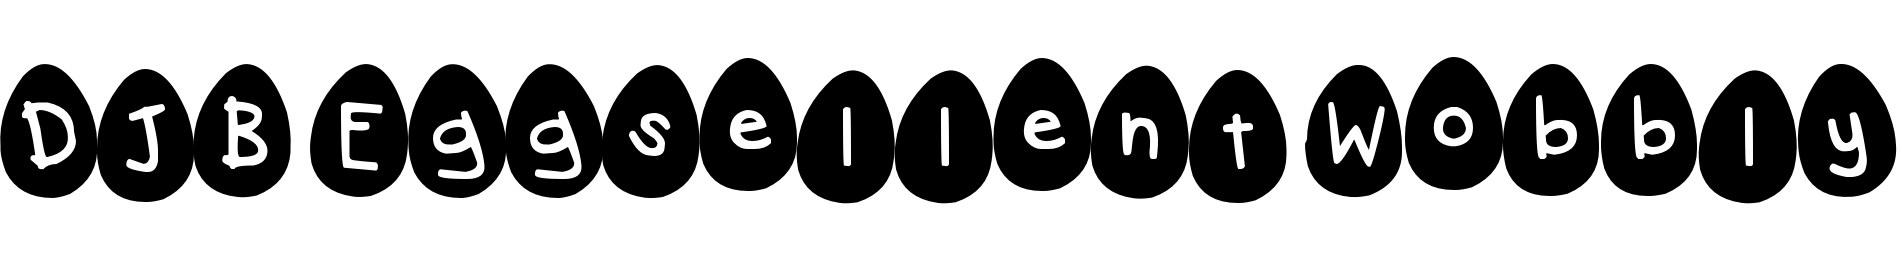 DJB Eggsellent Wobbly